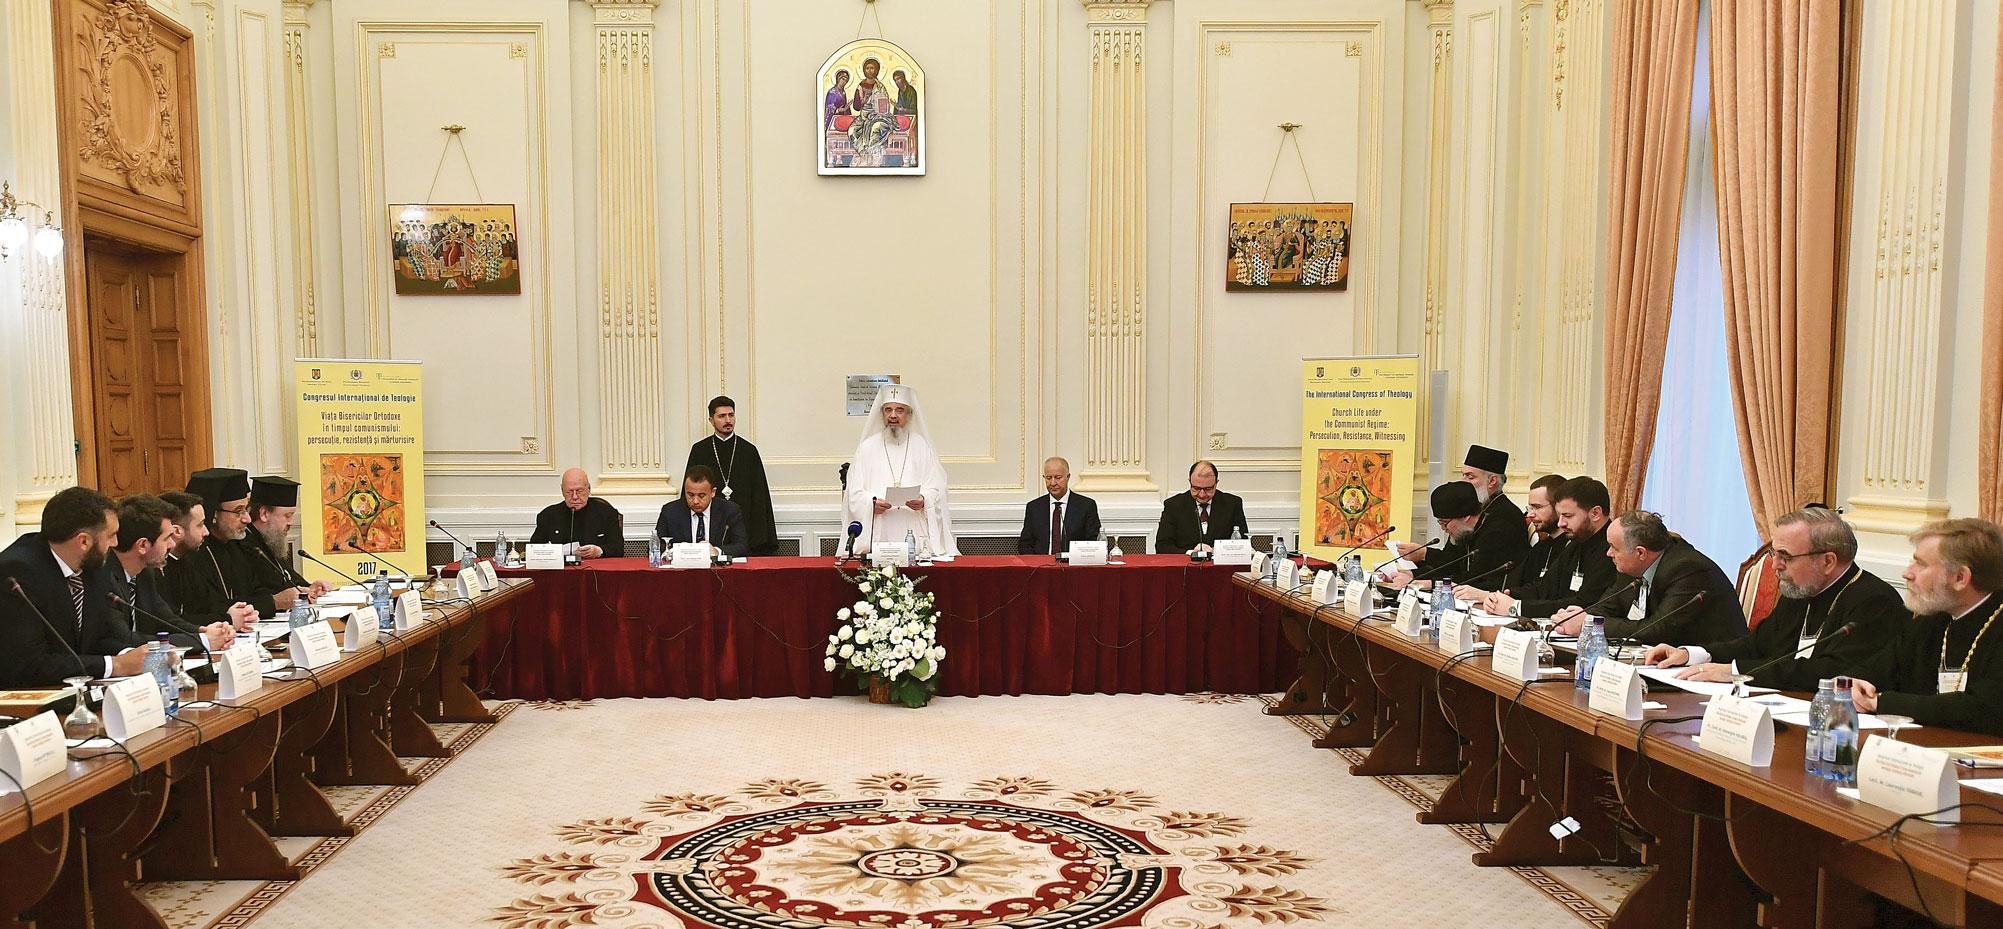 Congres internațional despre Bisericile Ortodoxe în perioada comunistă, la Palatul Patriarhiei